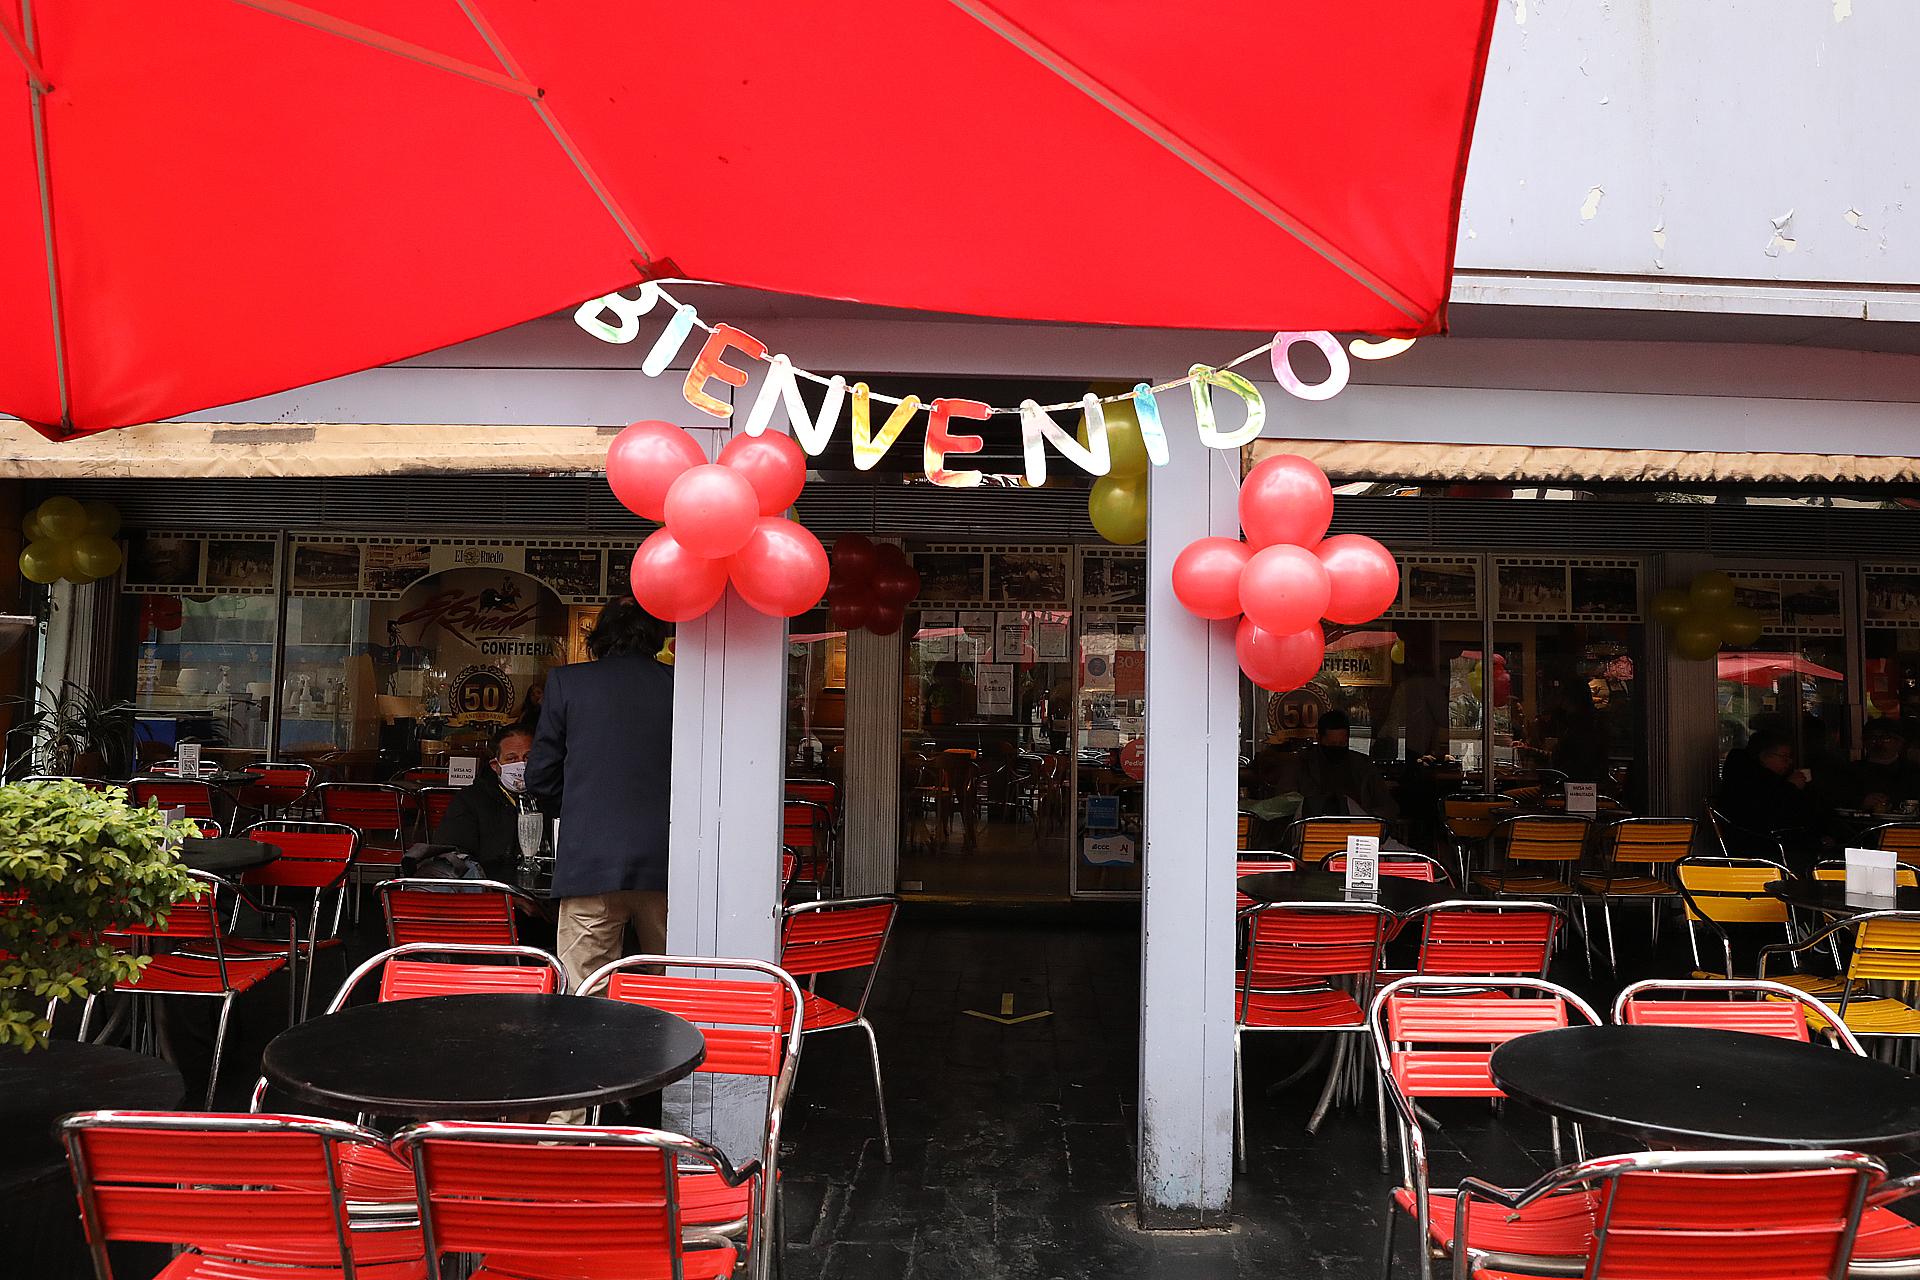 Después de 100 días cerrados, muchos bares y restaurantes cordobeses celebraron la reapertura con globos y carteles de bienvenida